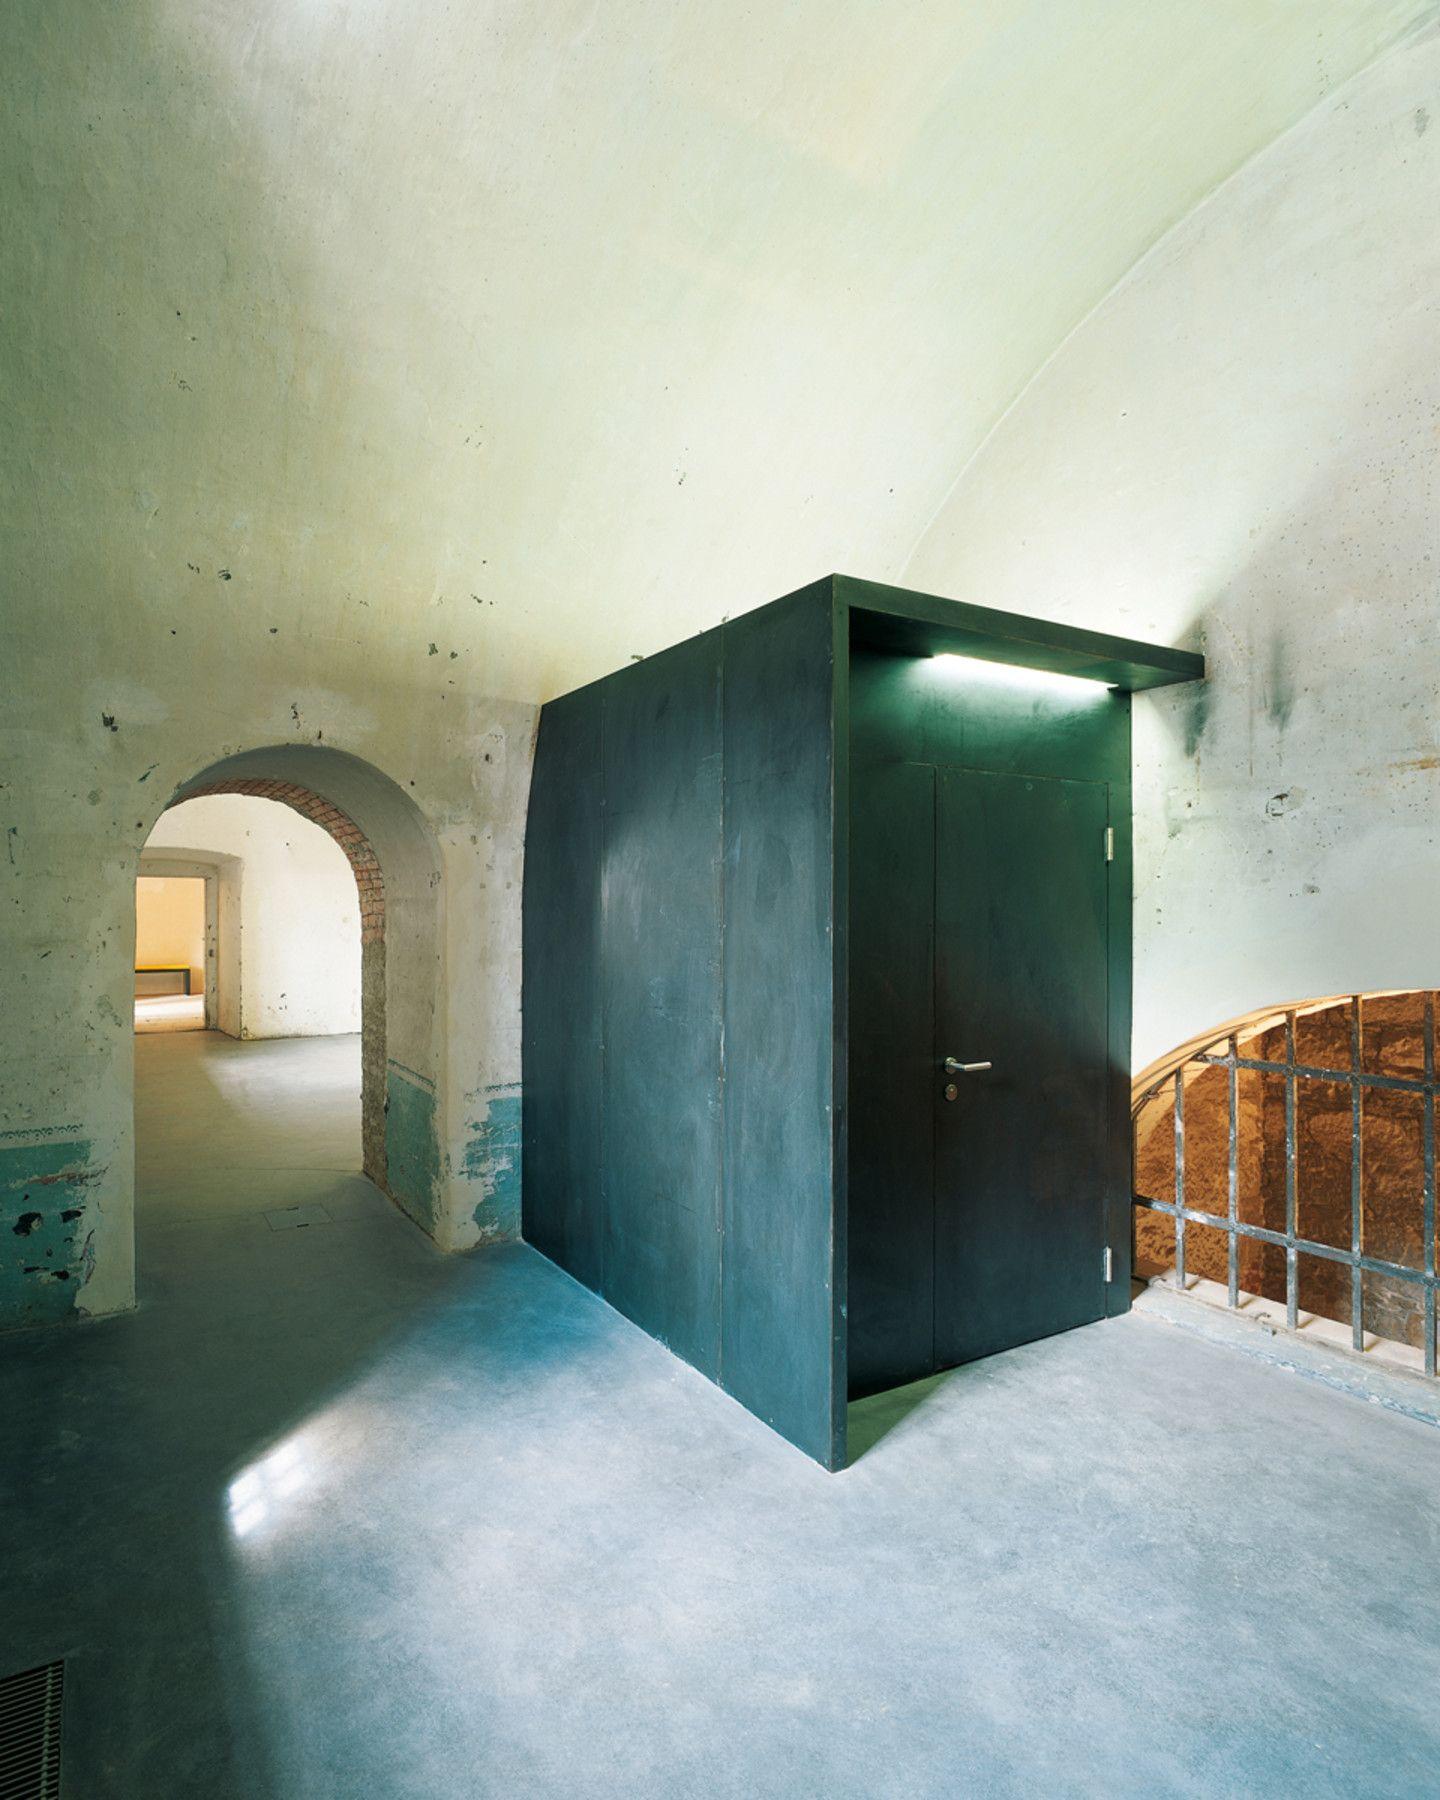 Markus Scherer, Walter Dietl, René Riller · Forte di Fortezza · Architettura italiana